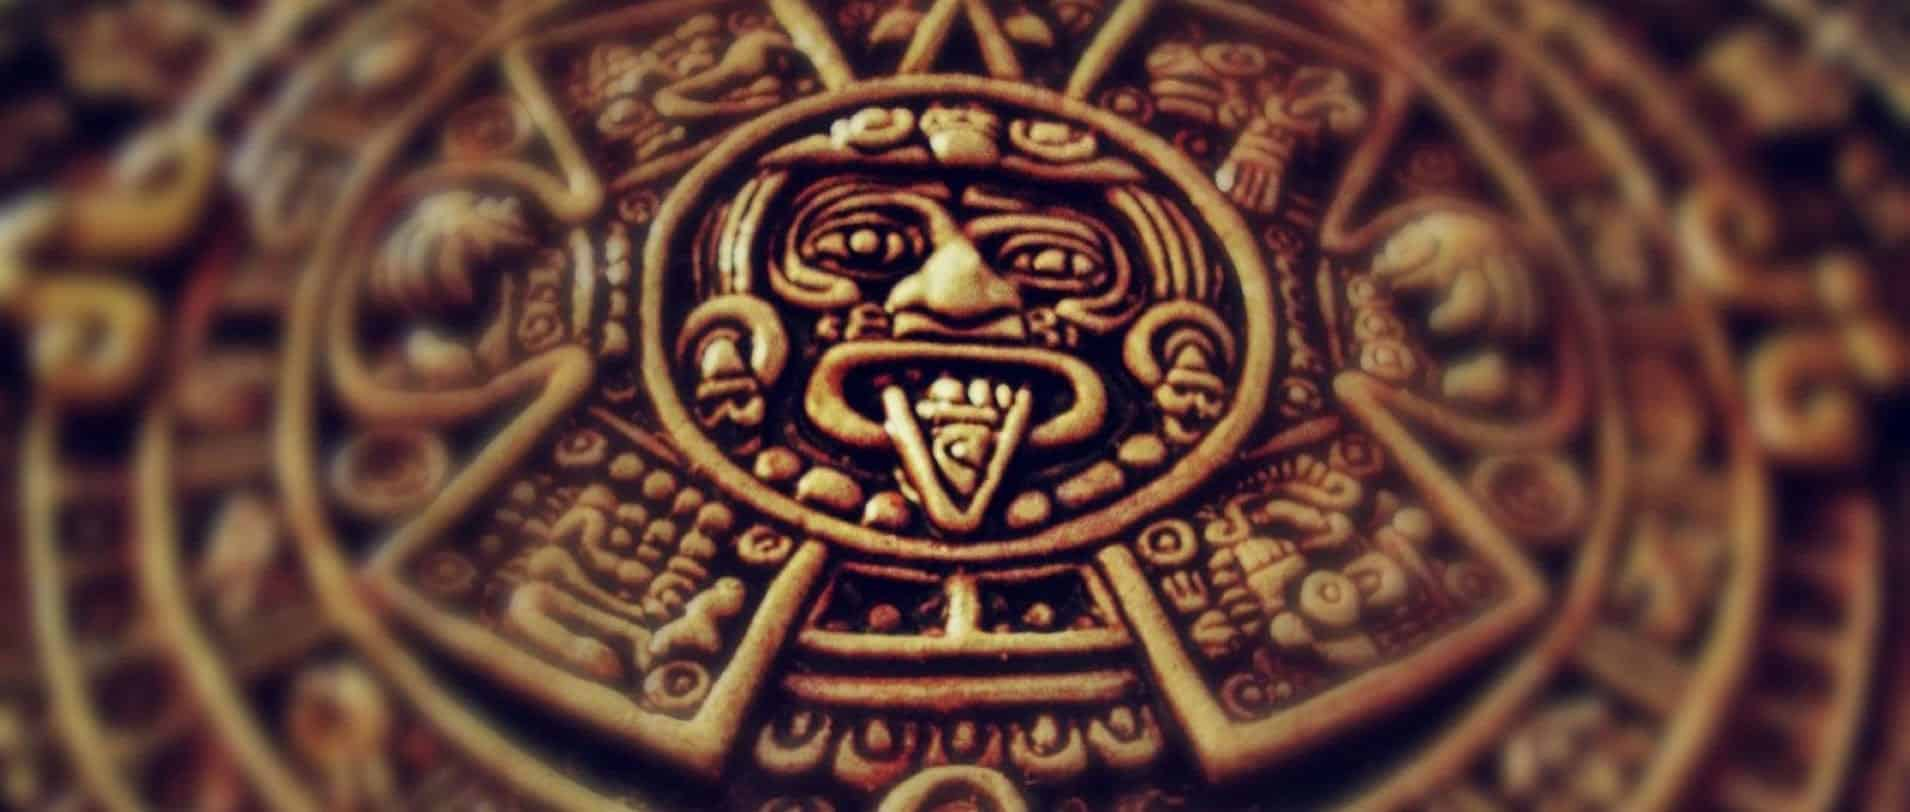 5 grandes características que marcaram os maias!